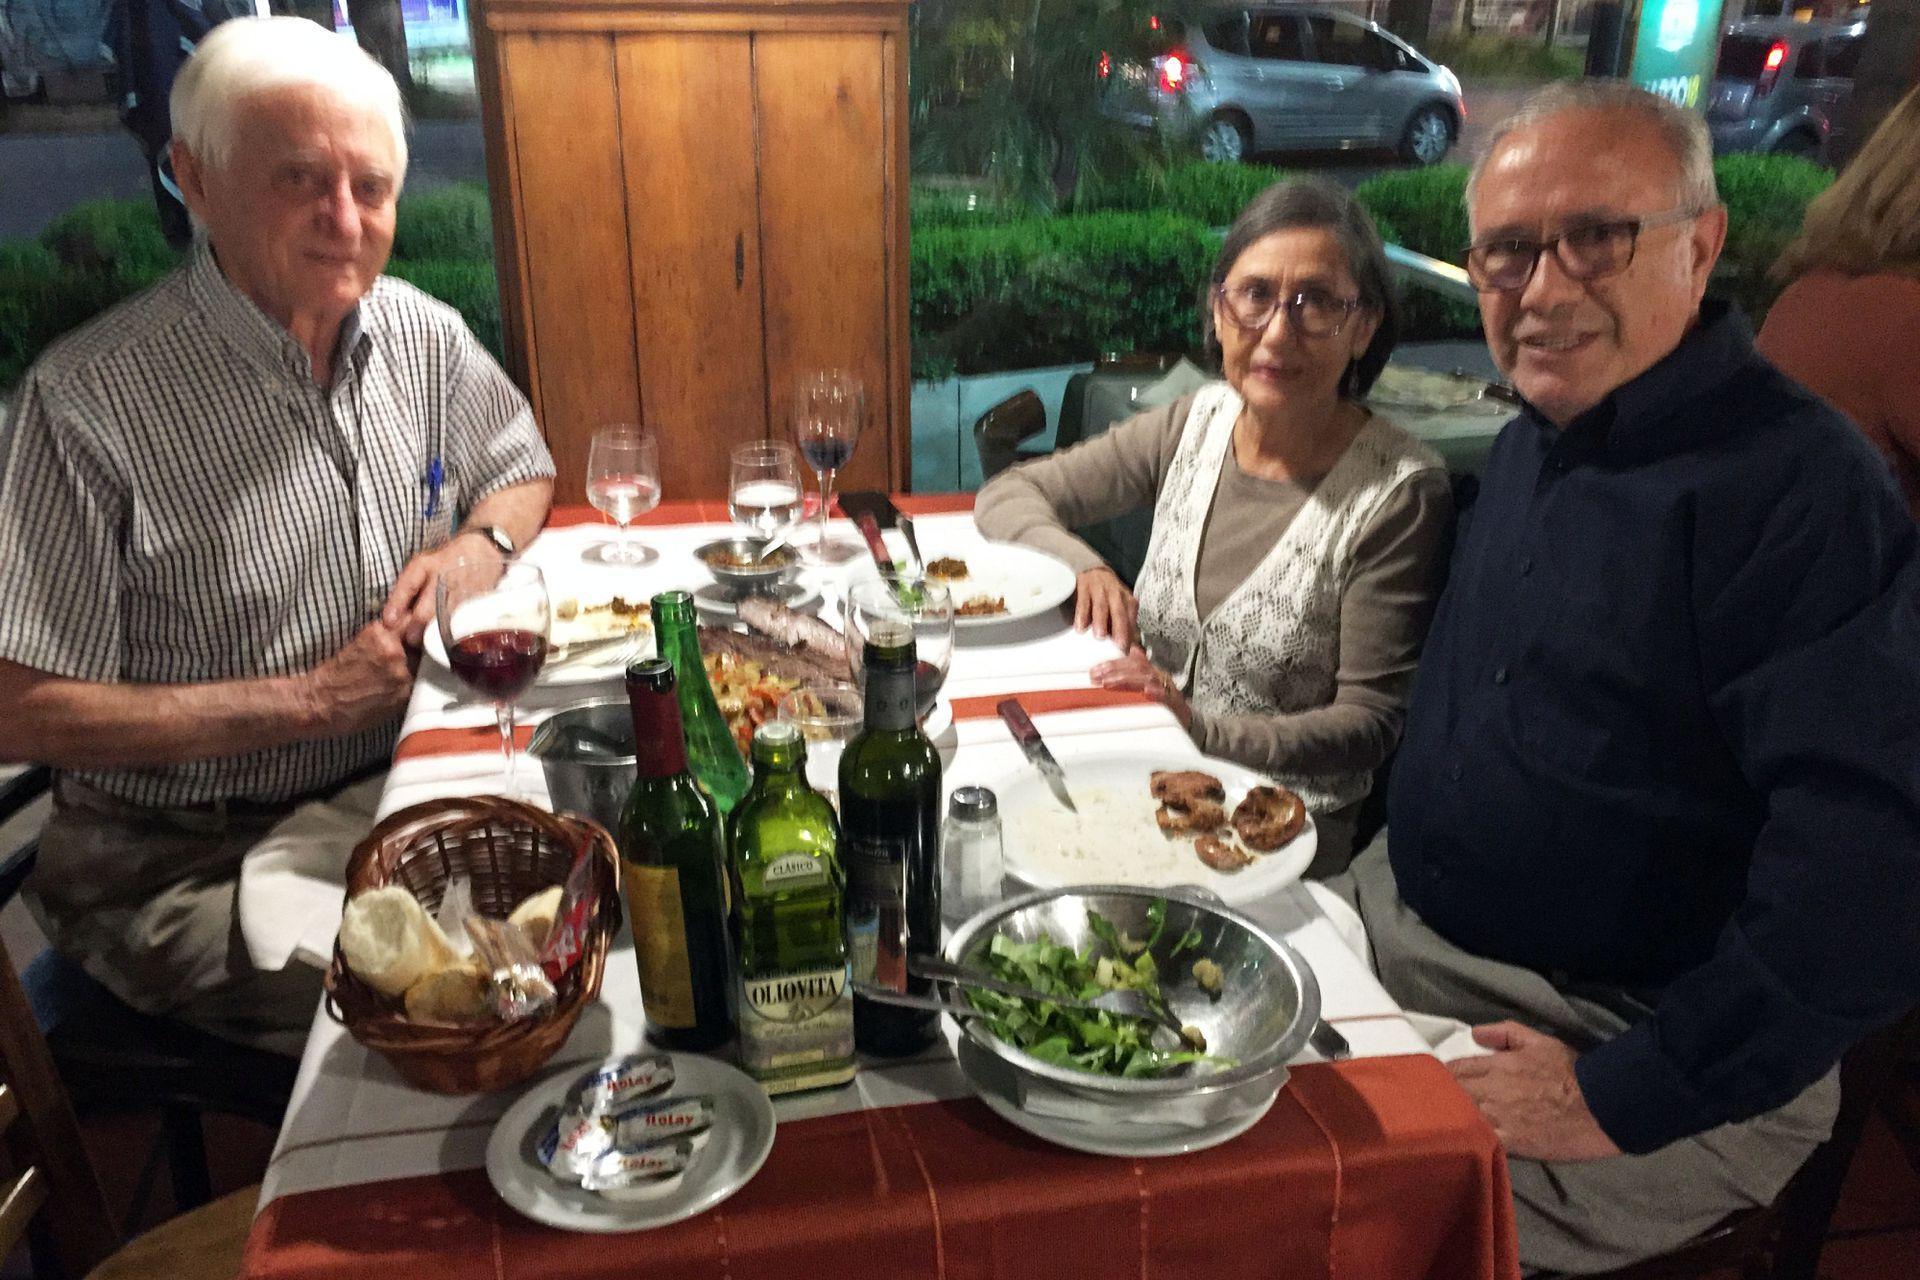 Junto a su amigo Art de la embajada y su mujer, en una visita al país.